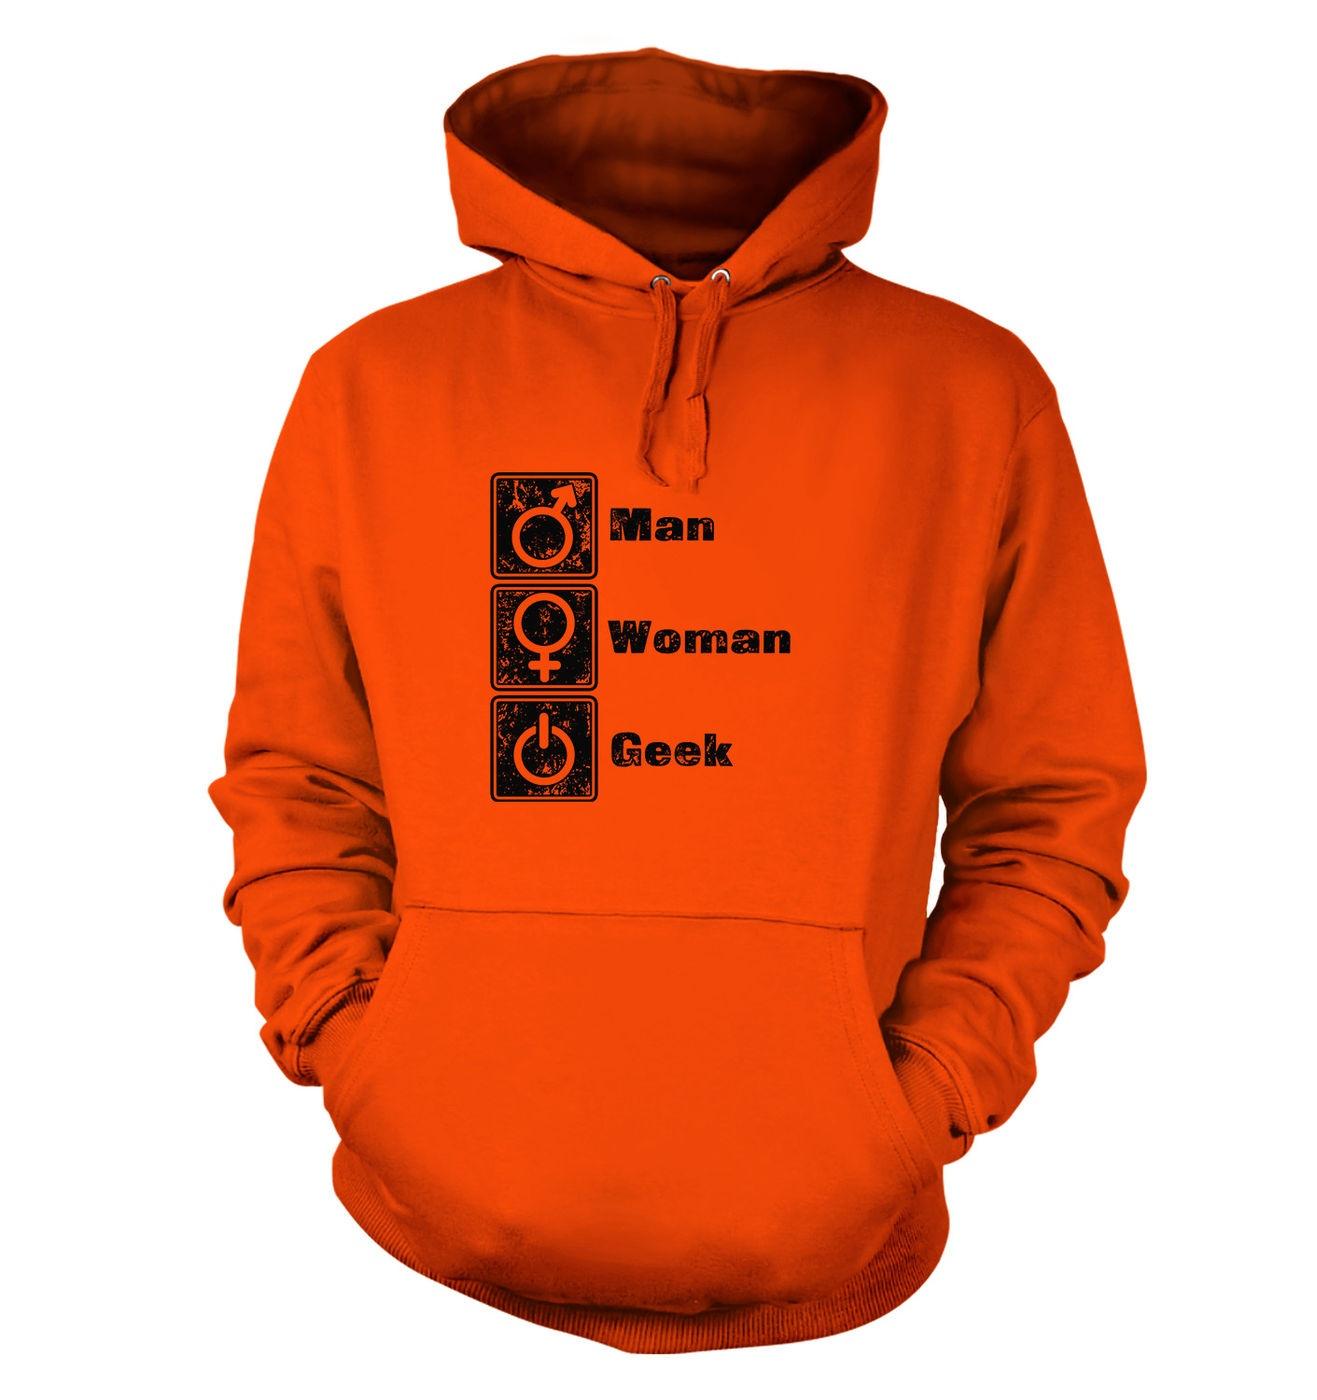 Man Woman Geek hoodie by Something Geeky